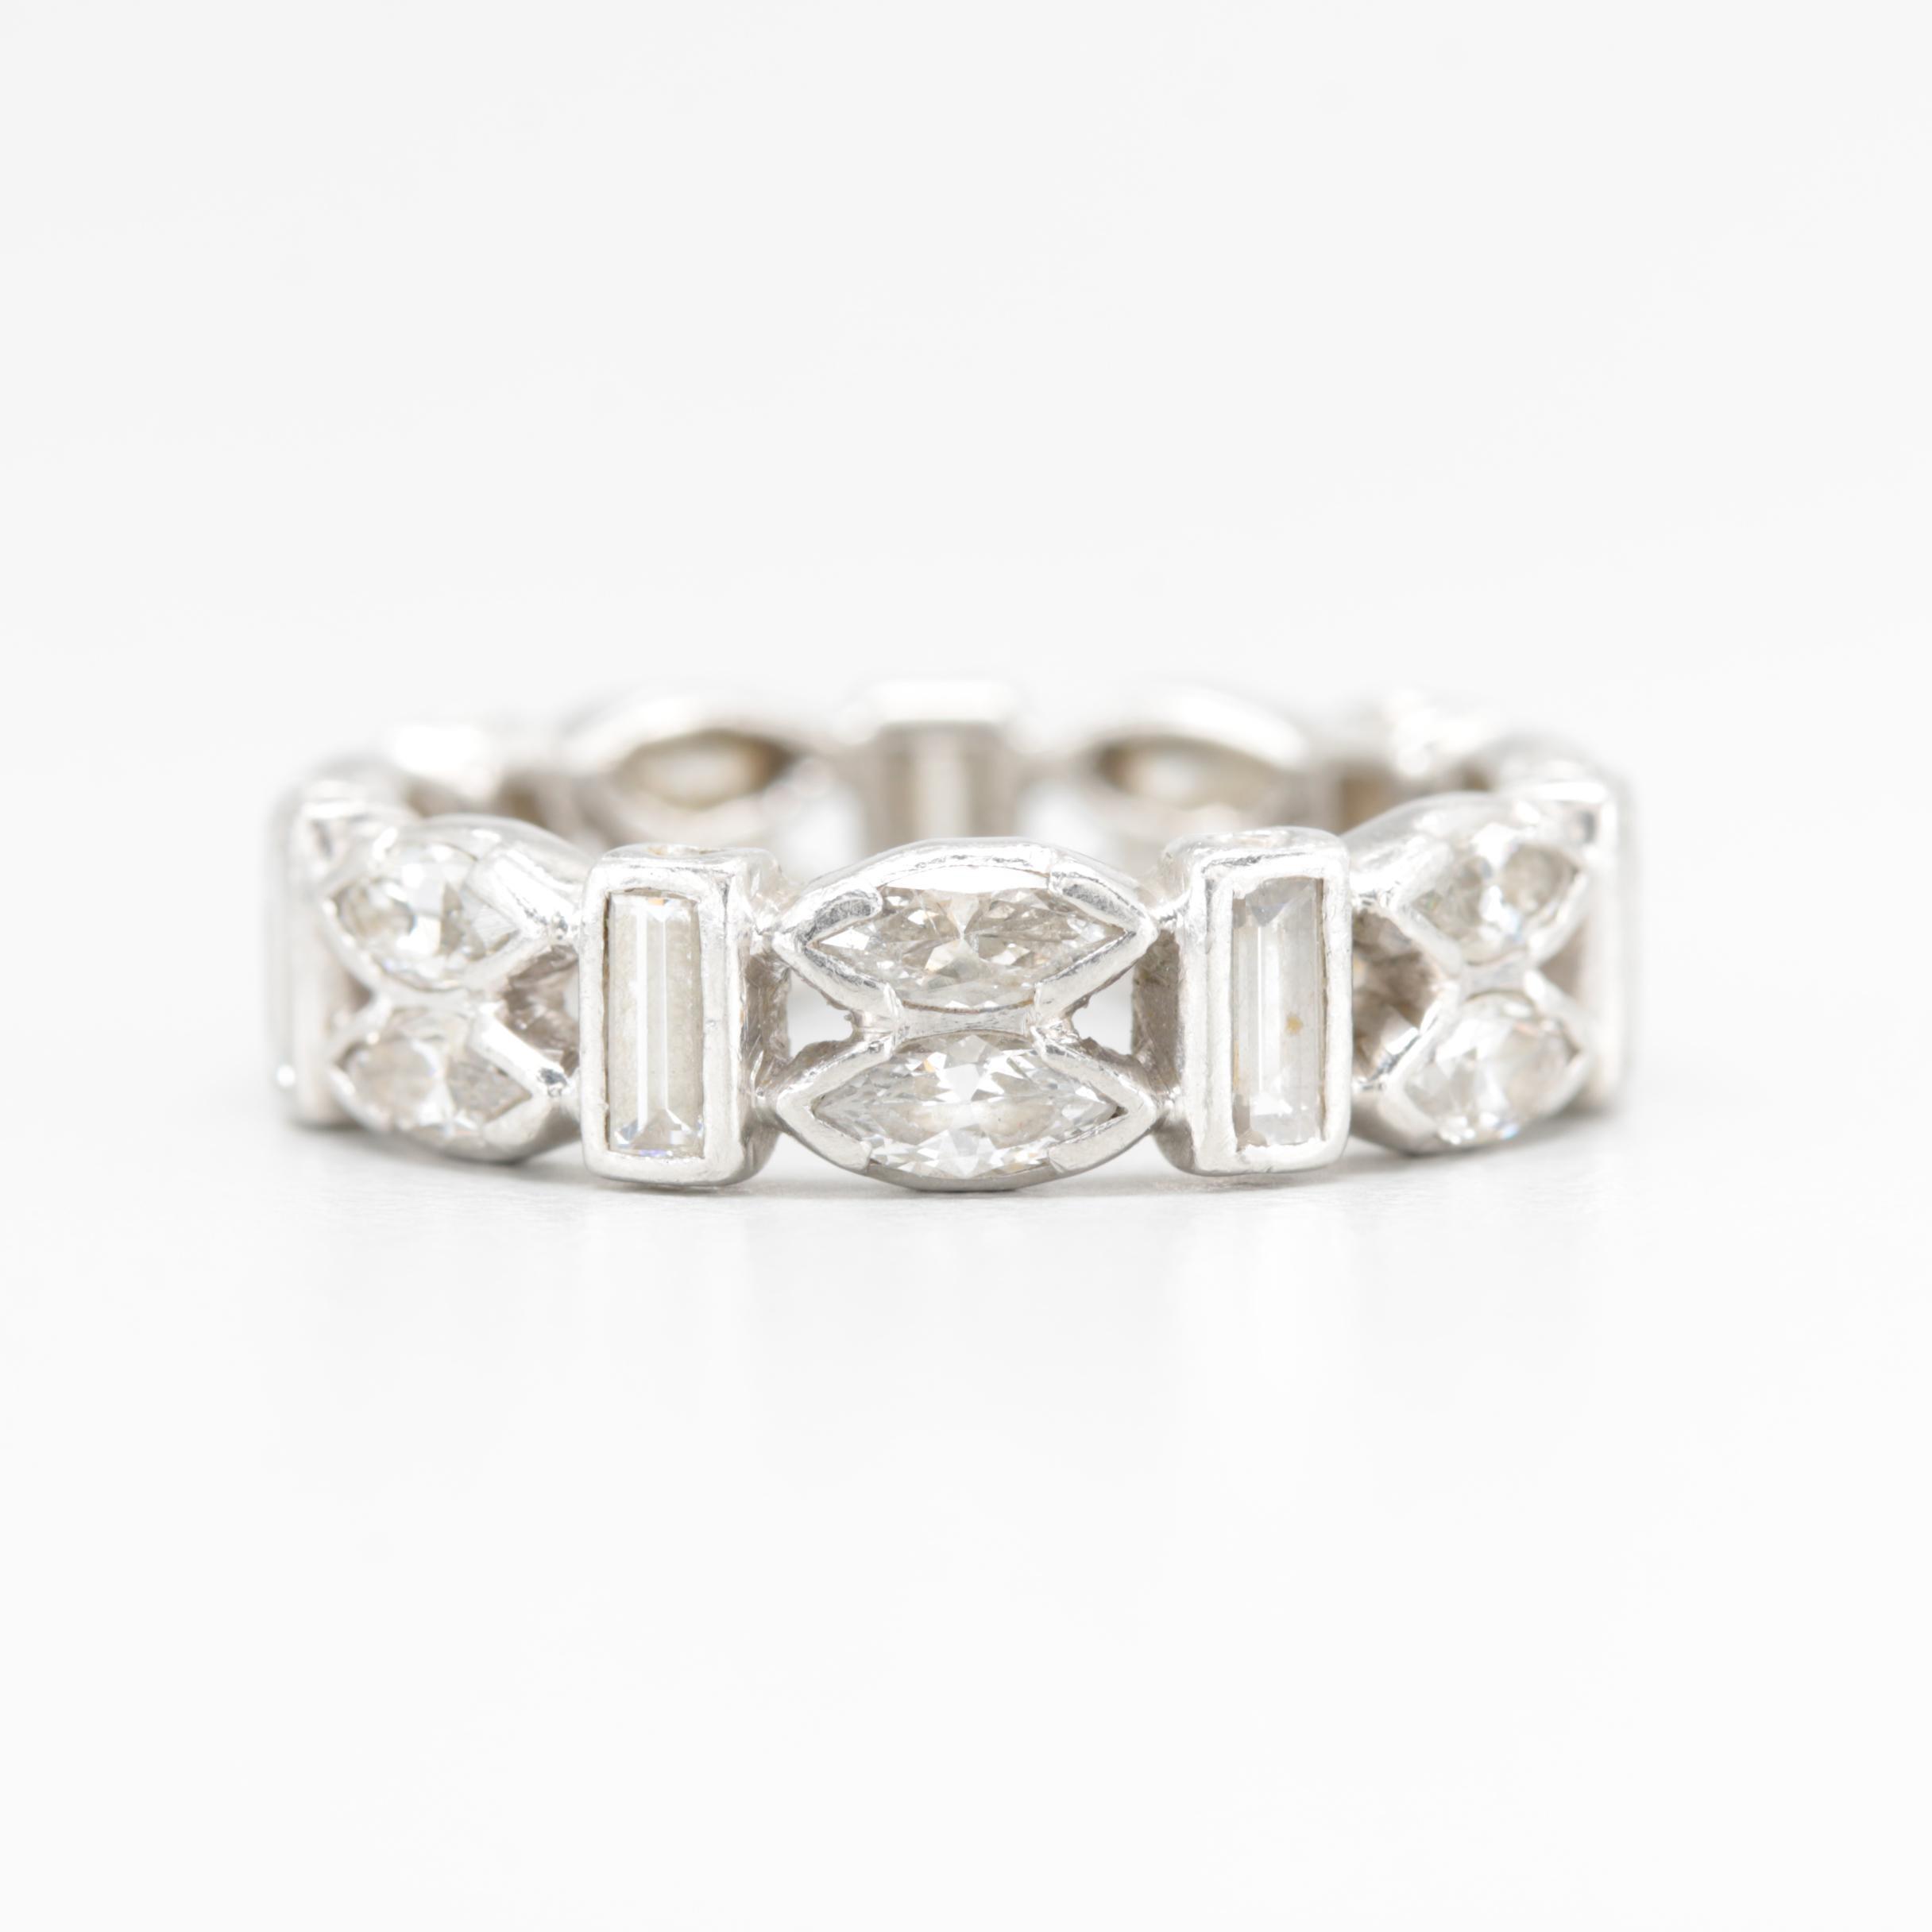 Platinum 1.96 CTW Diamond Ring